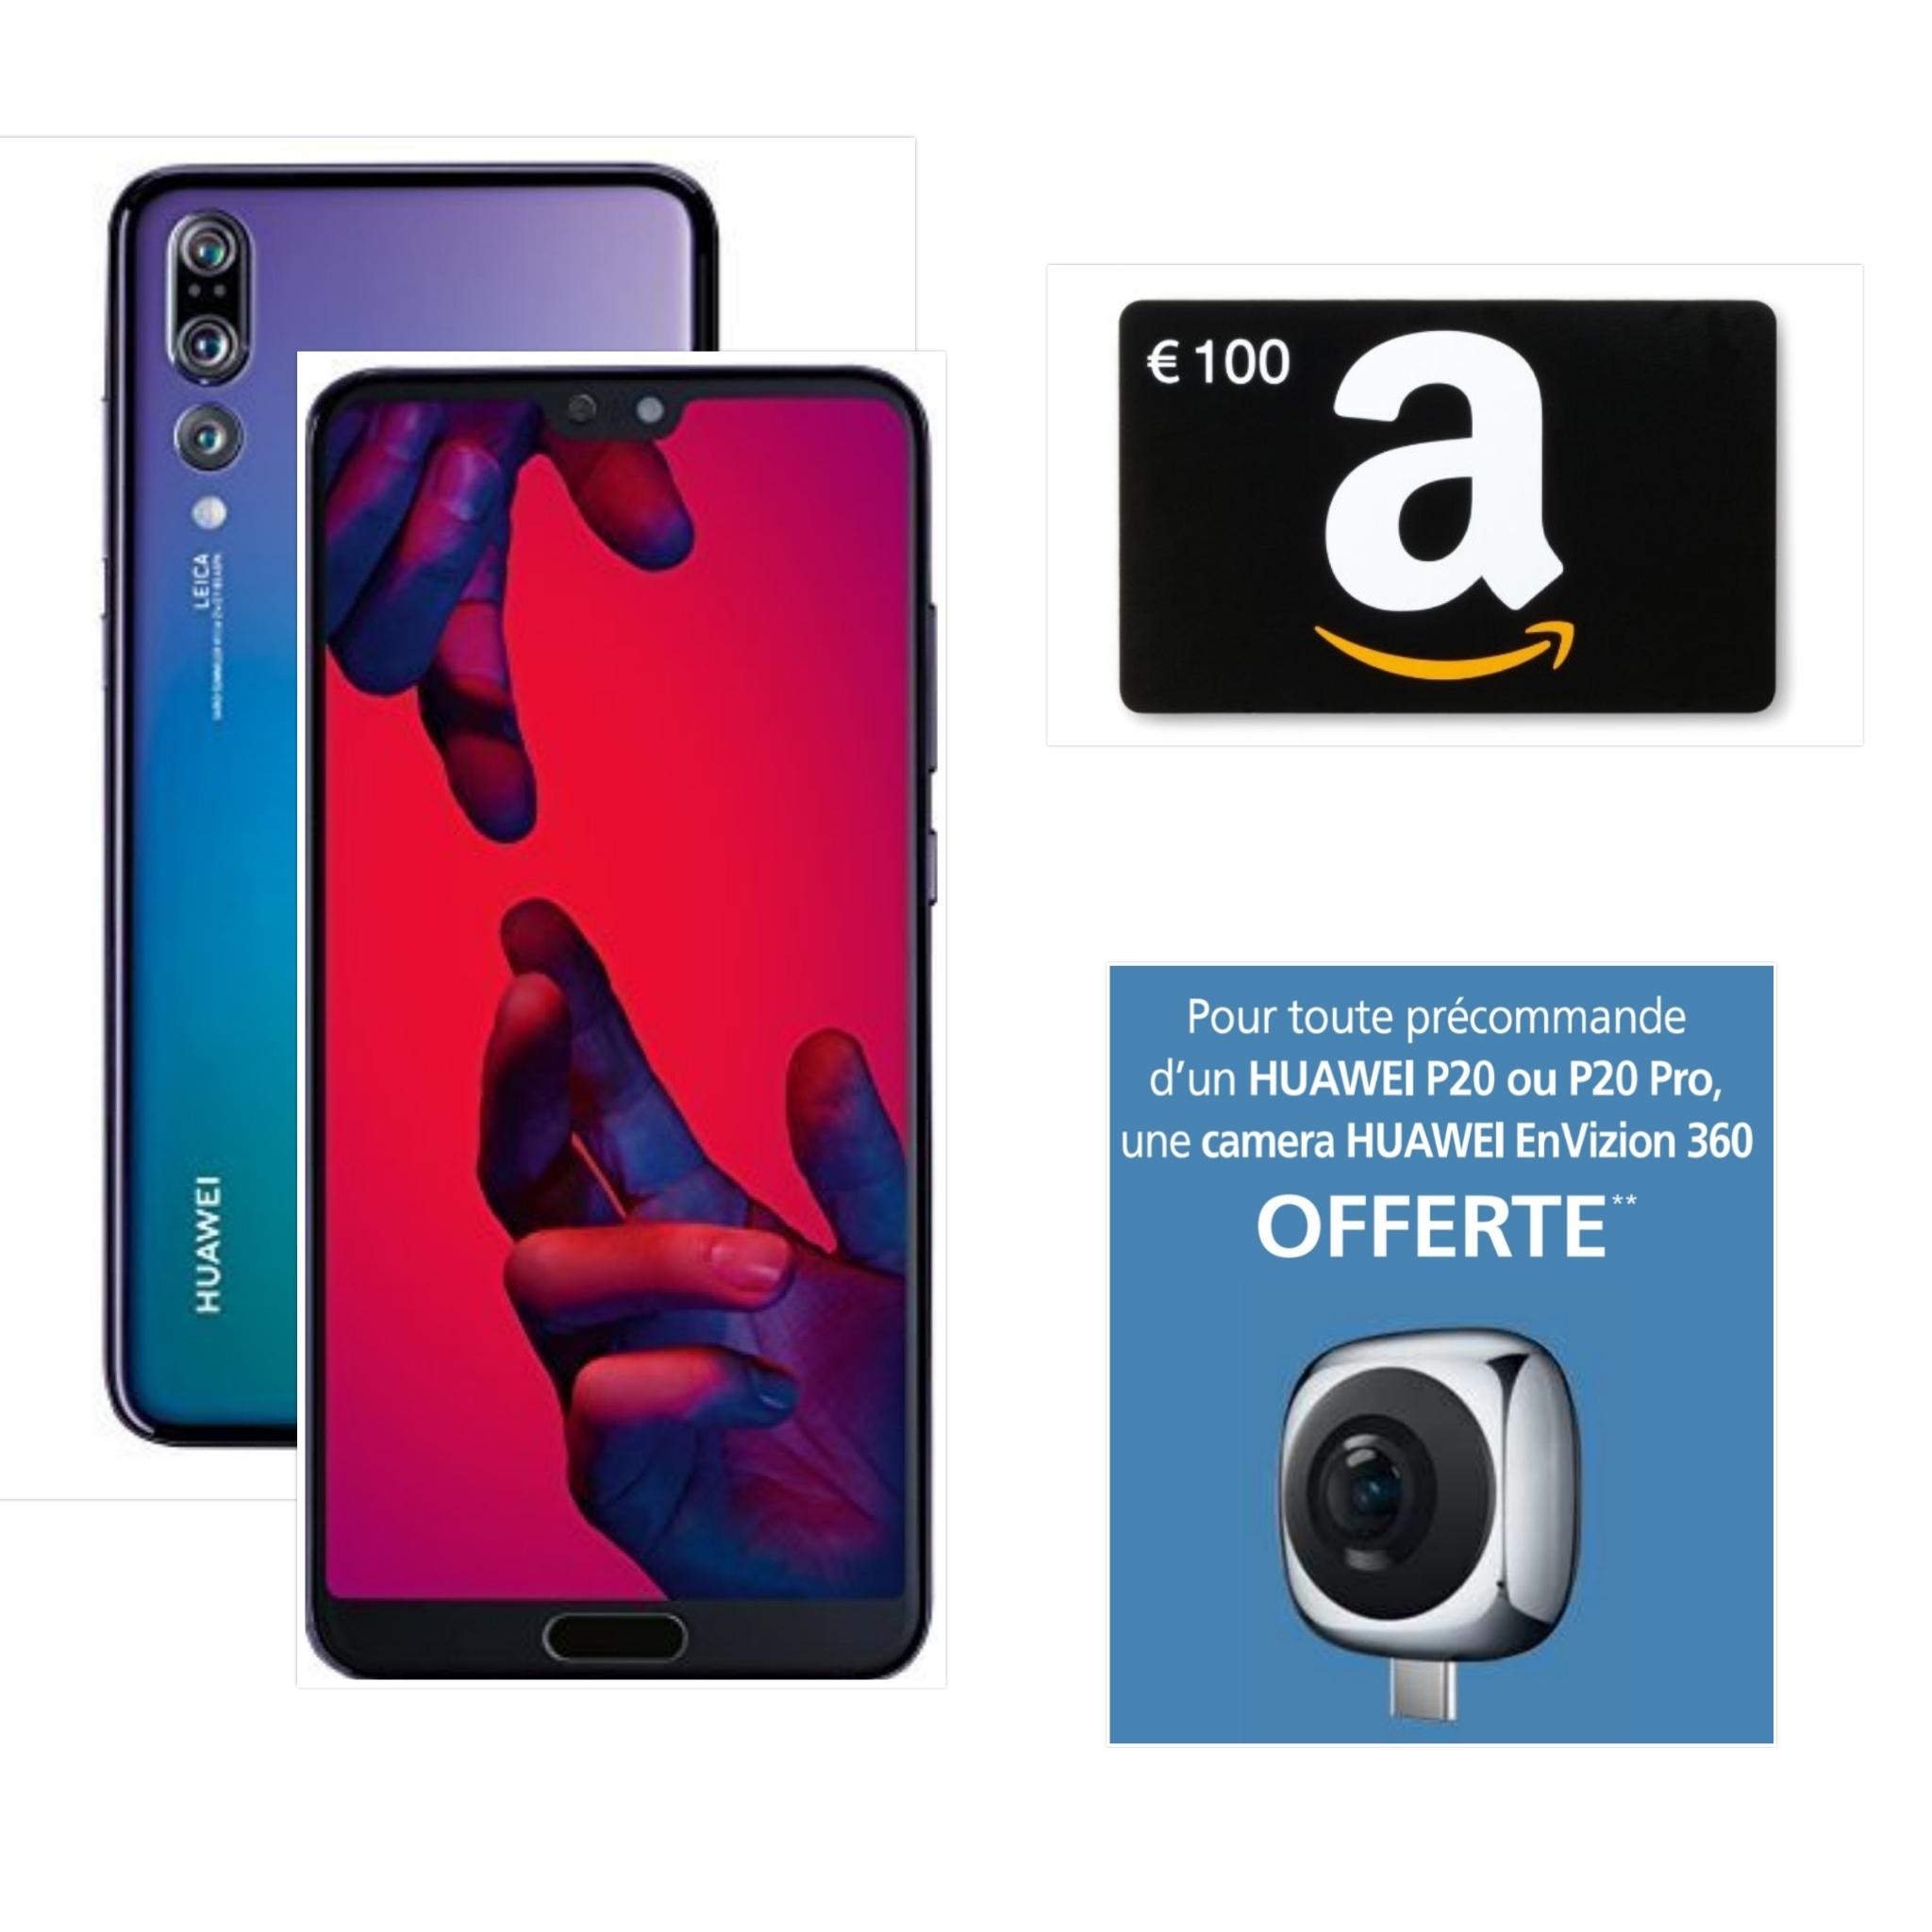 """Smartphone 6.1"""" Huawei P20 Pro - 128 Go + Carte cadeau Amazon de 100€ + Camera 360 offerte (via formulaire)"""